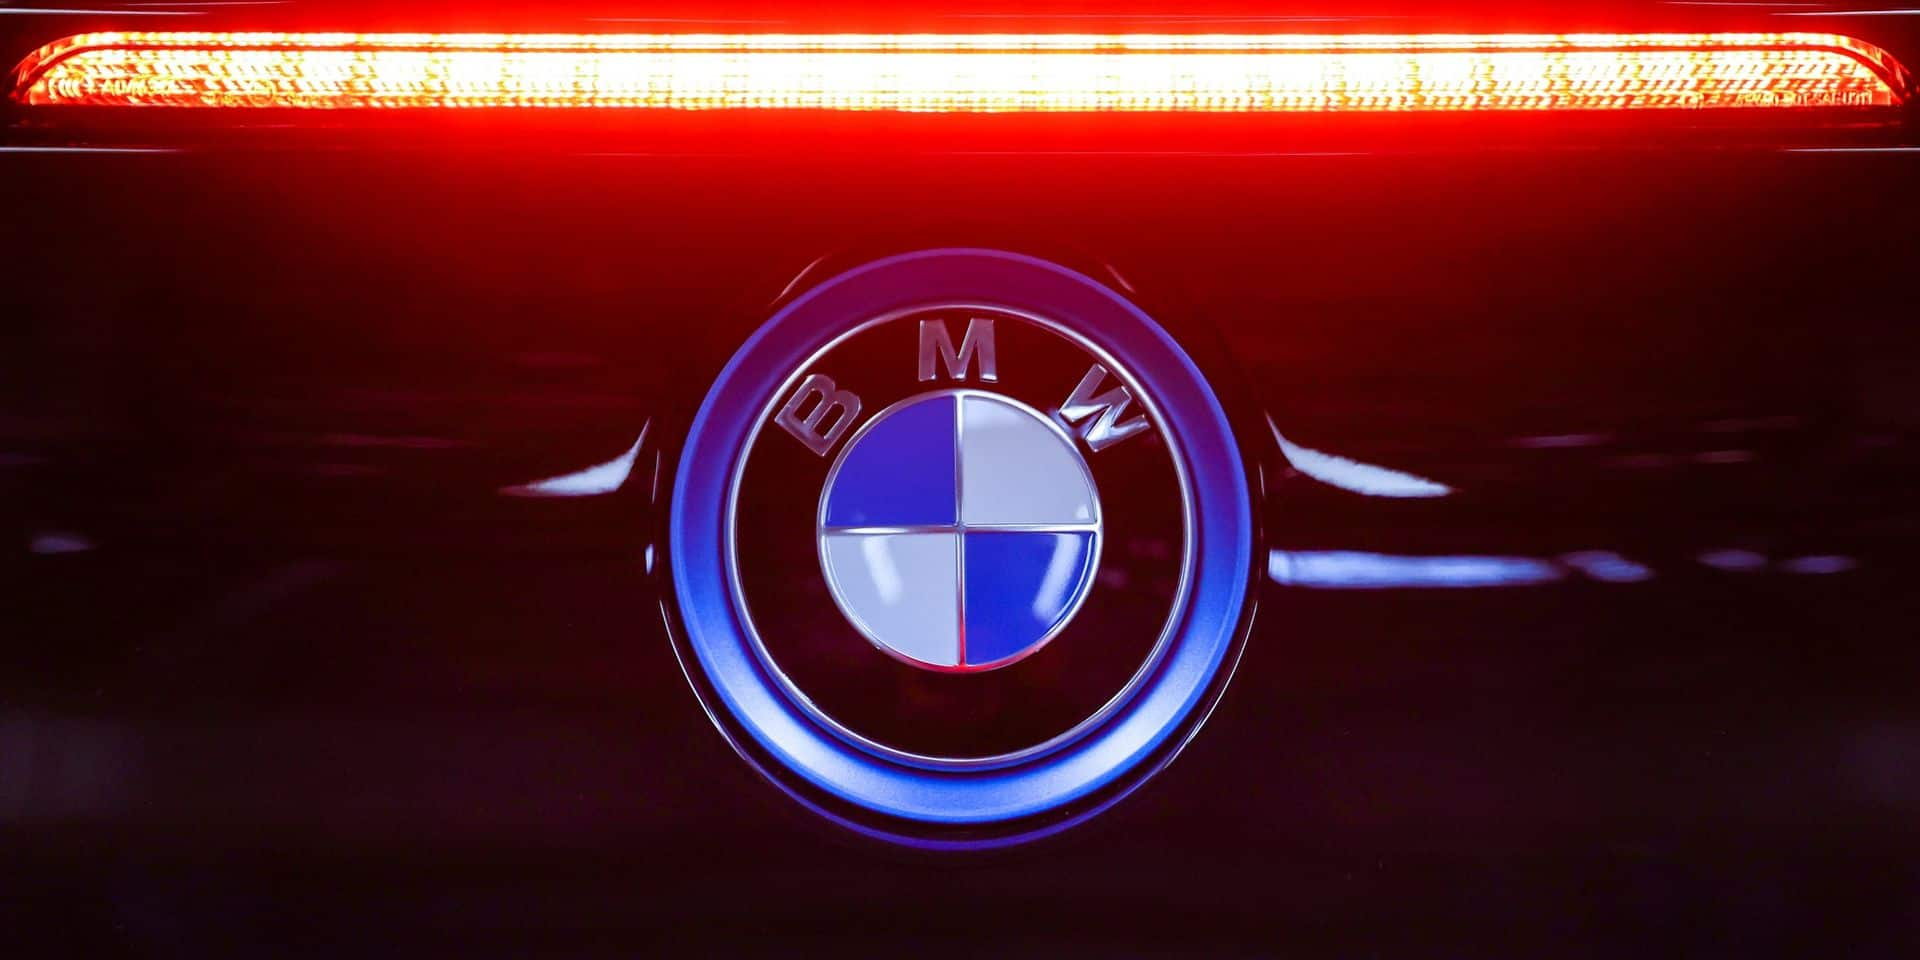 BMW reçoit une amende de 18 millions de dollars pour avoir gonflé ses ventes